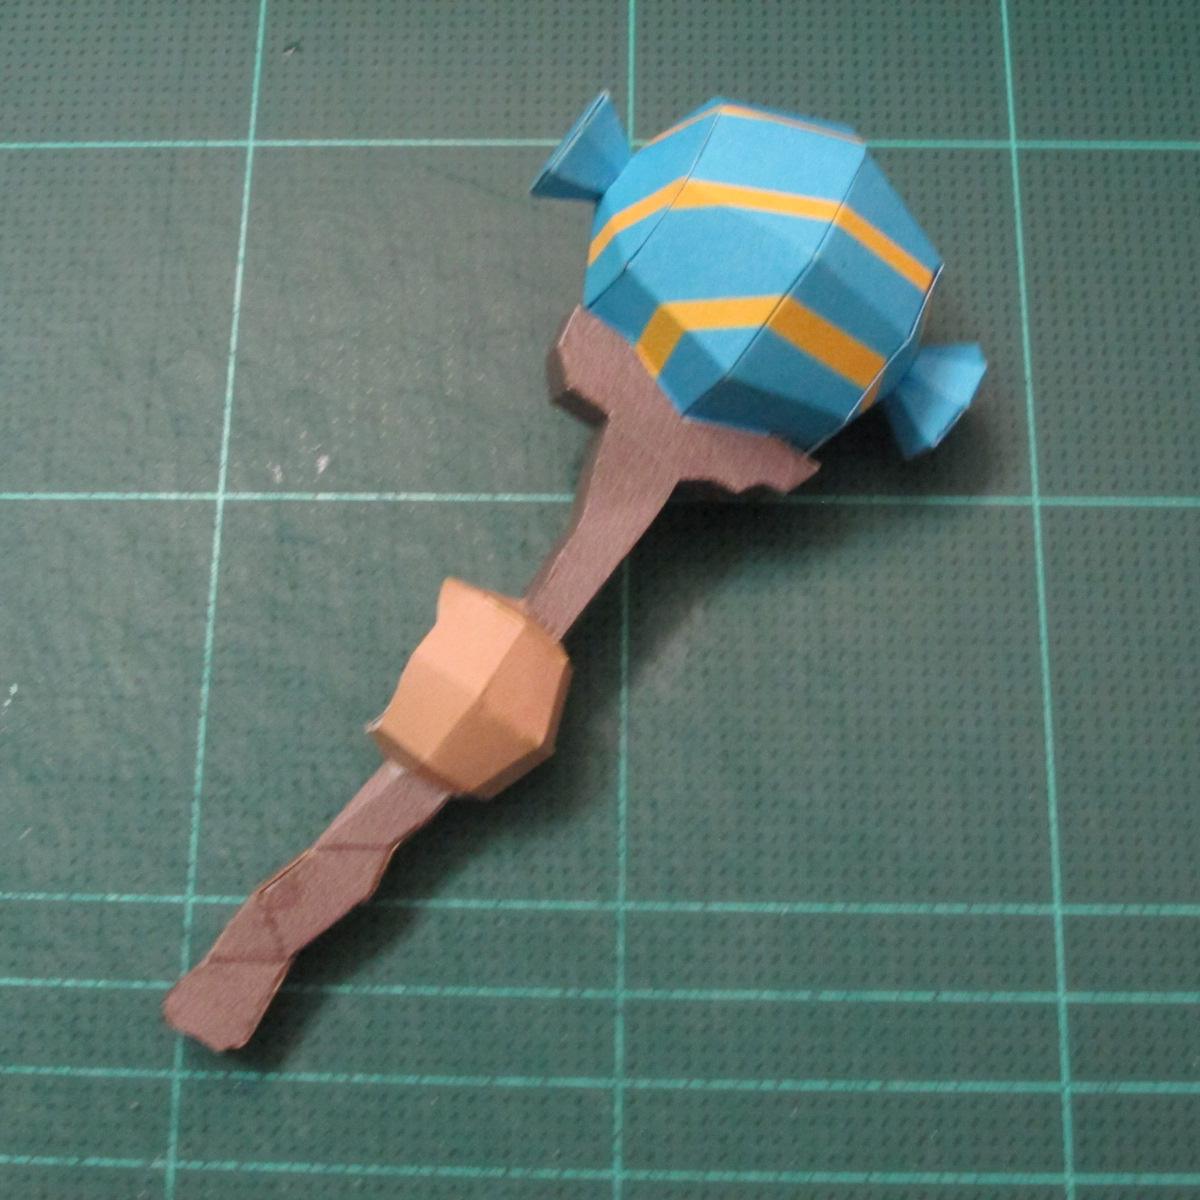 วิธีทำโมเดลกระดาษของเล่นคุกกี้รัน คุกกี้รสพ่อมด (Cookie Run Wizard Cookie Papercraft Model) 029